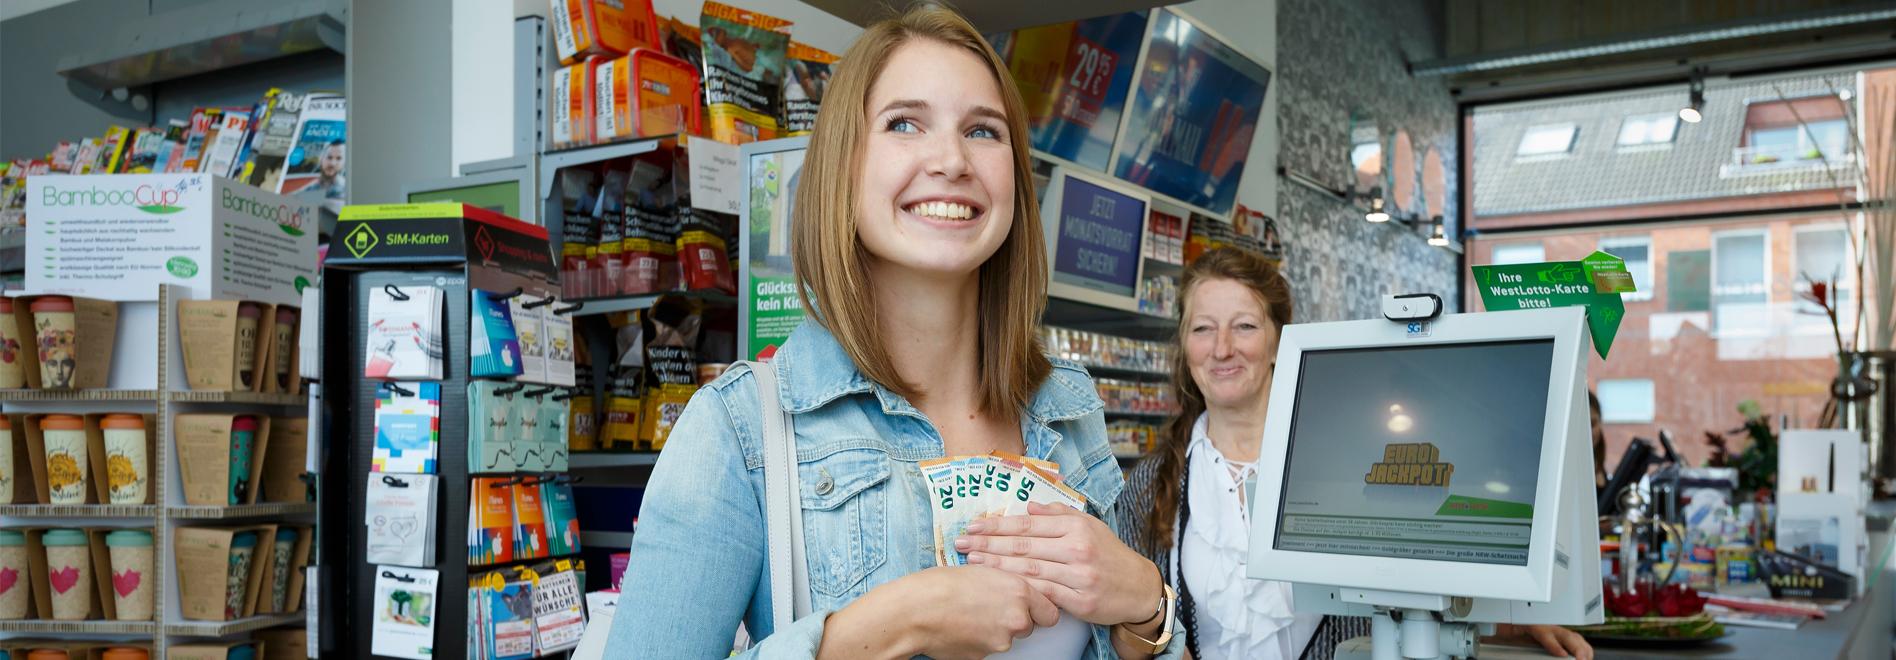 Frühlingswochenende mit elf Hochgewinnen   Eurojackpot - DER SPIEGEL